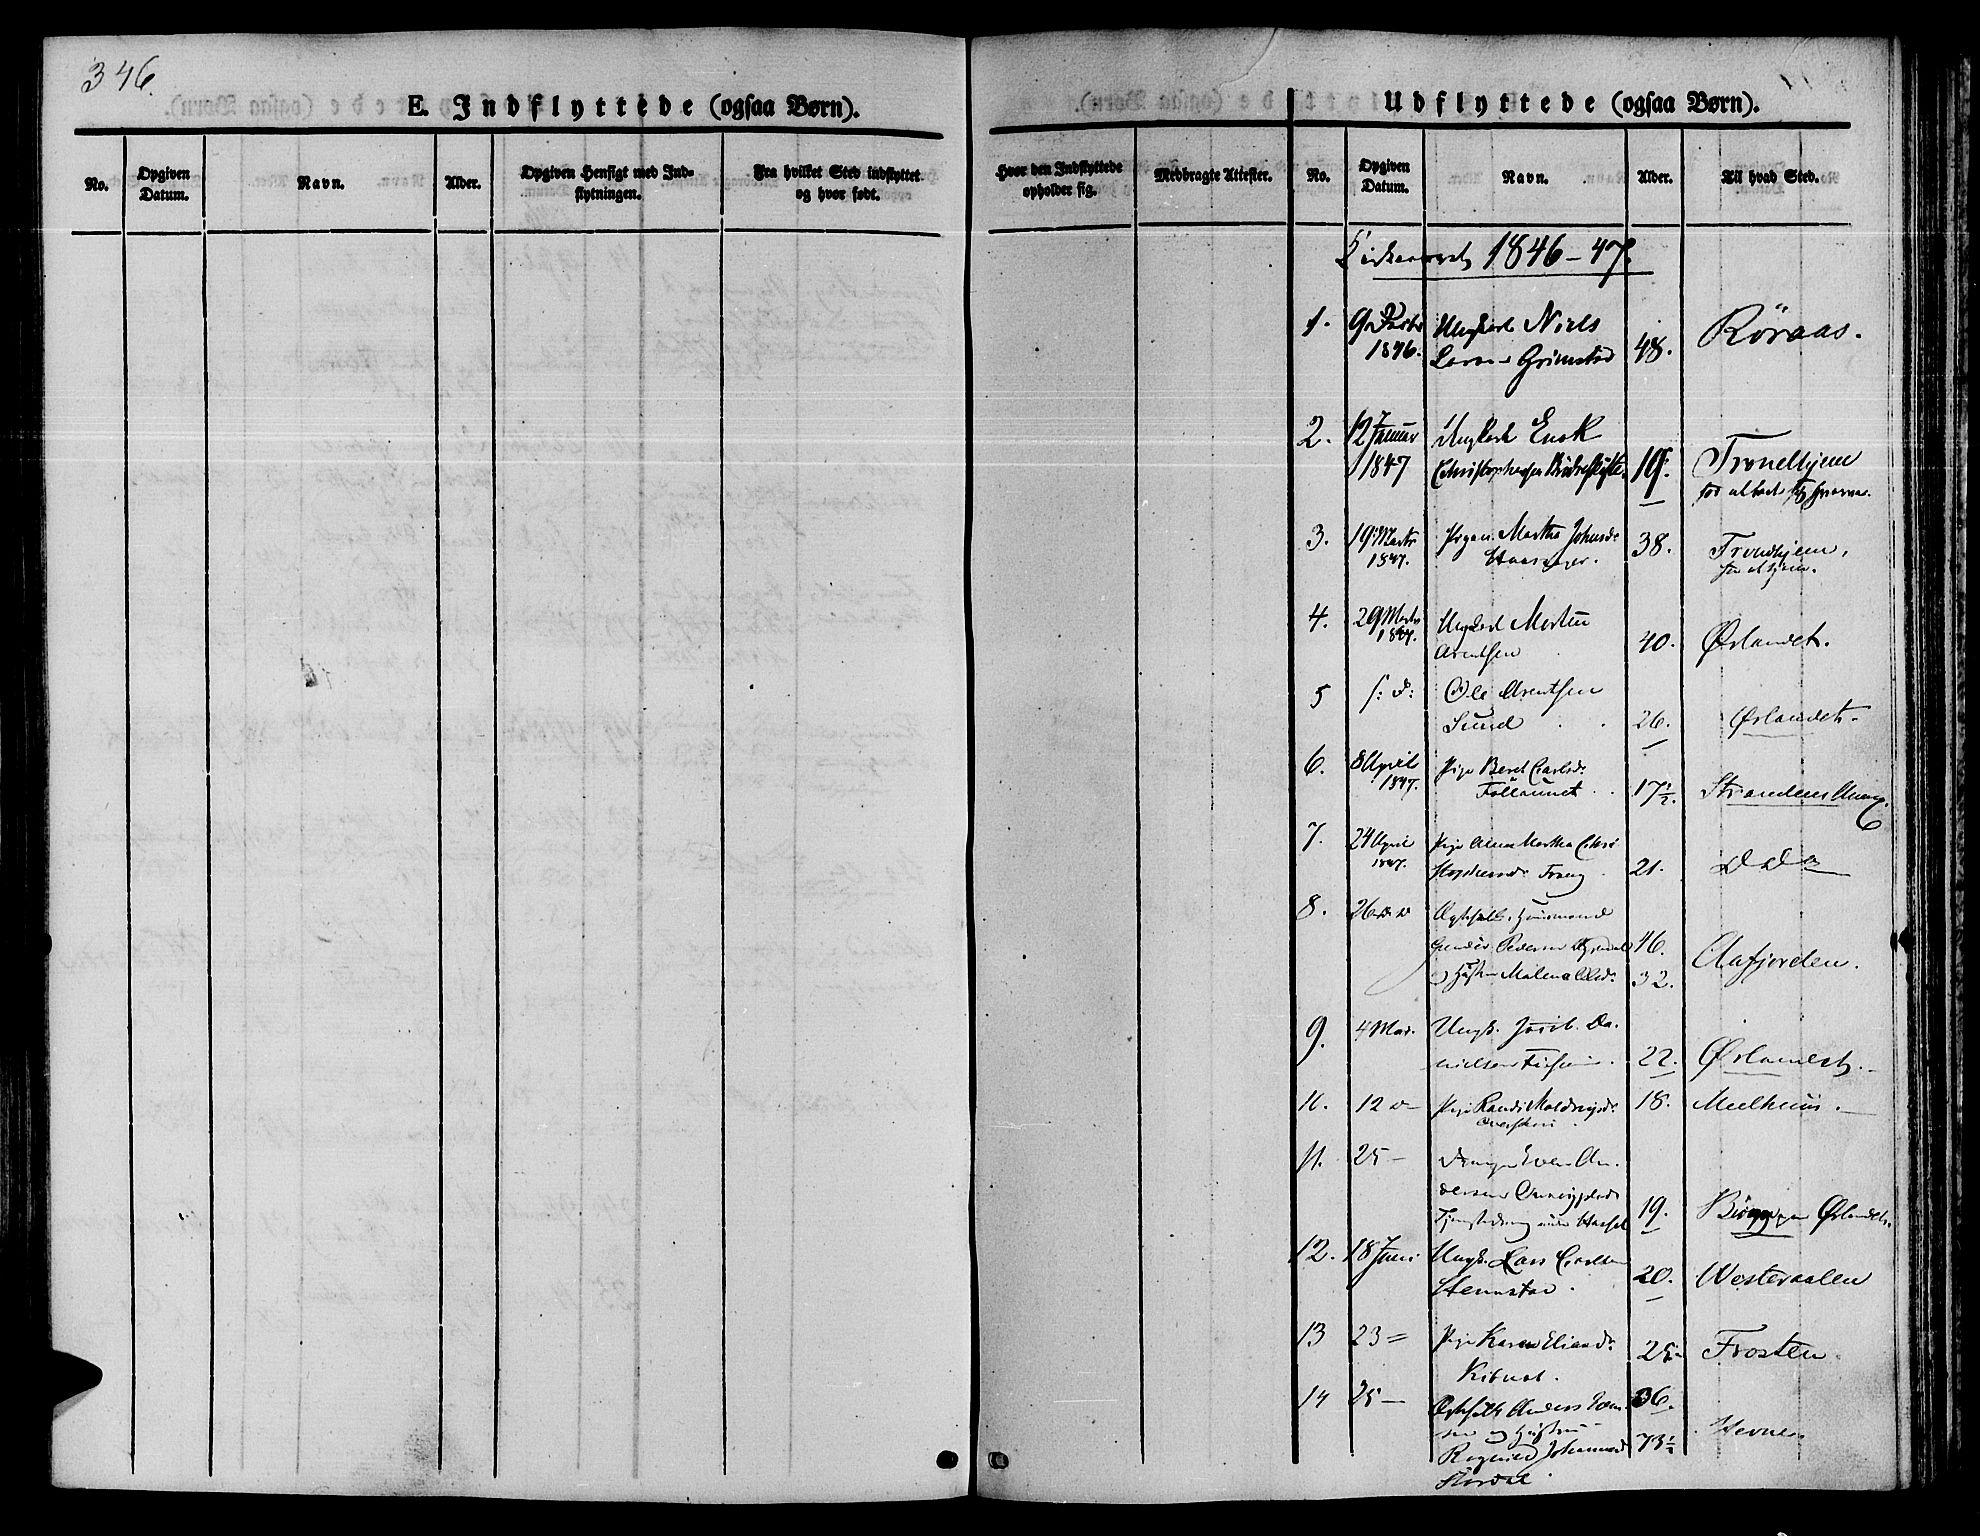 SAT, Ministerialprotokoller, klokkerbøker og fødselsregistre - Sør-Trøndelag, 646/L0610: Ministerialbok nr. 646A08, 1837-1847, s. 346